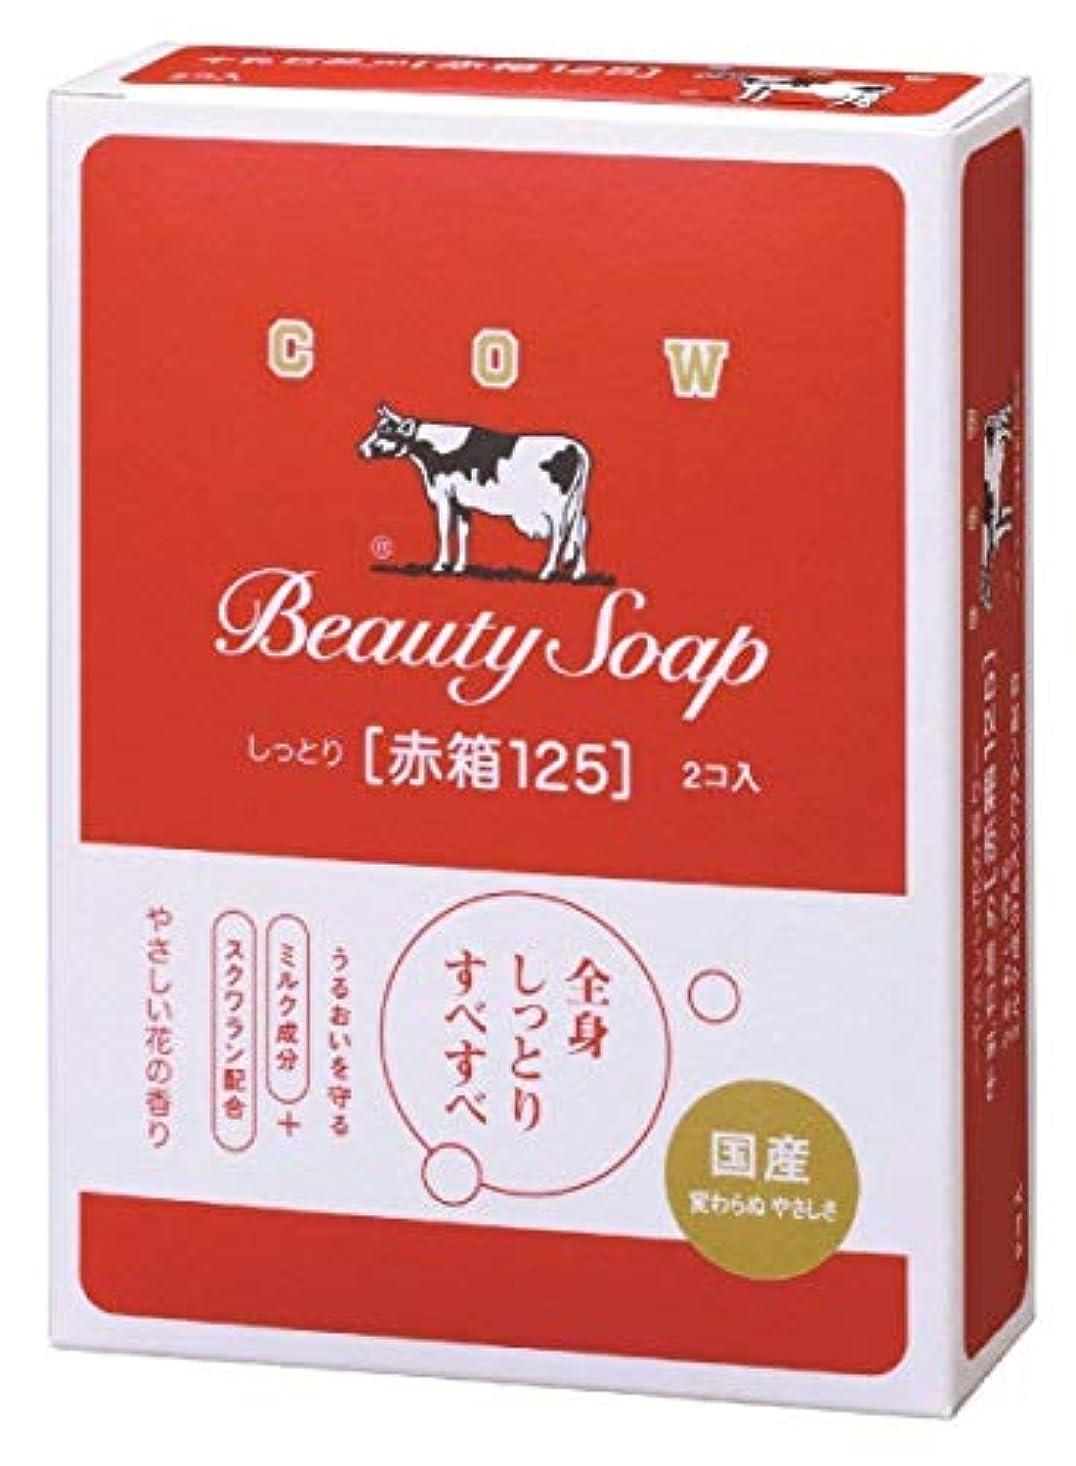 ライド選択迷信牛乳石鹸共進社 カウブランド 赤箱 125g×2コ入り×6個